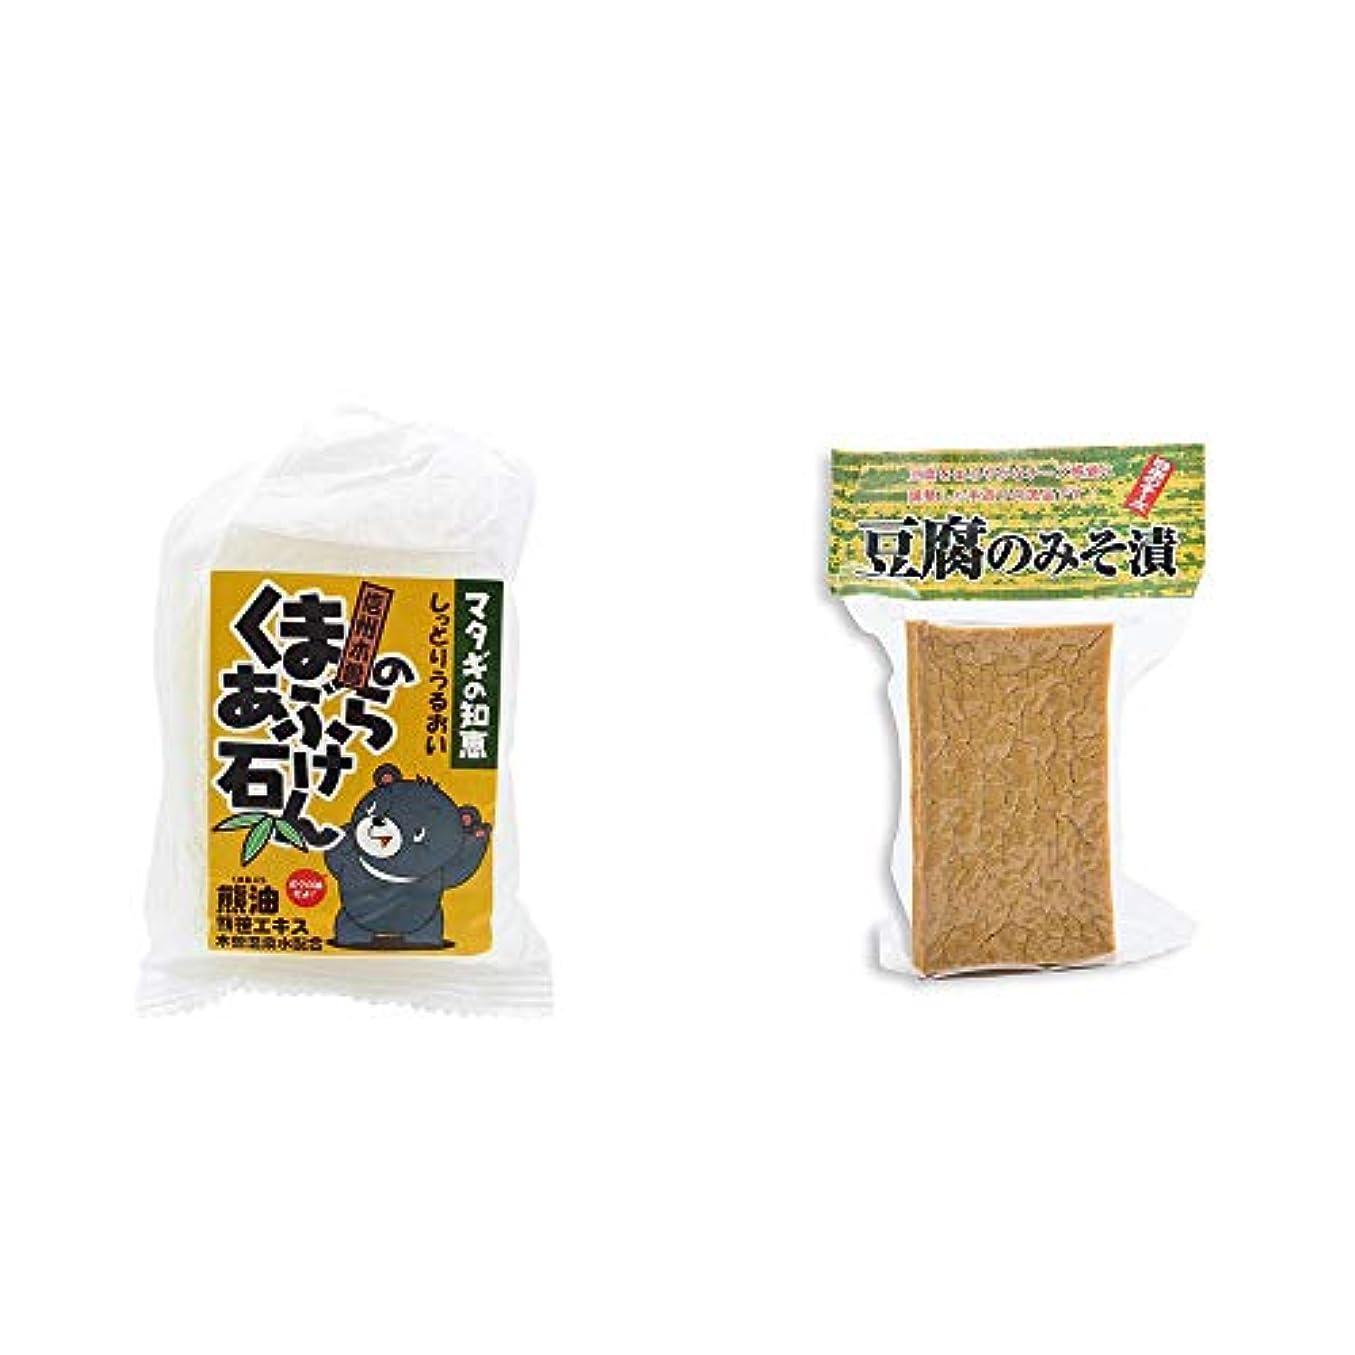 匿名豪華な淡い[2点セット] 信州木曽 くまのあぶら石けん(80g)?日本のチーズ 豆腐のみそ漬(1個入)